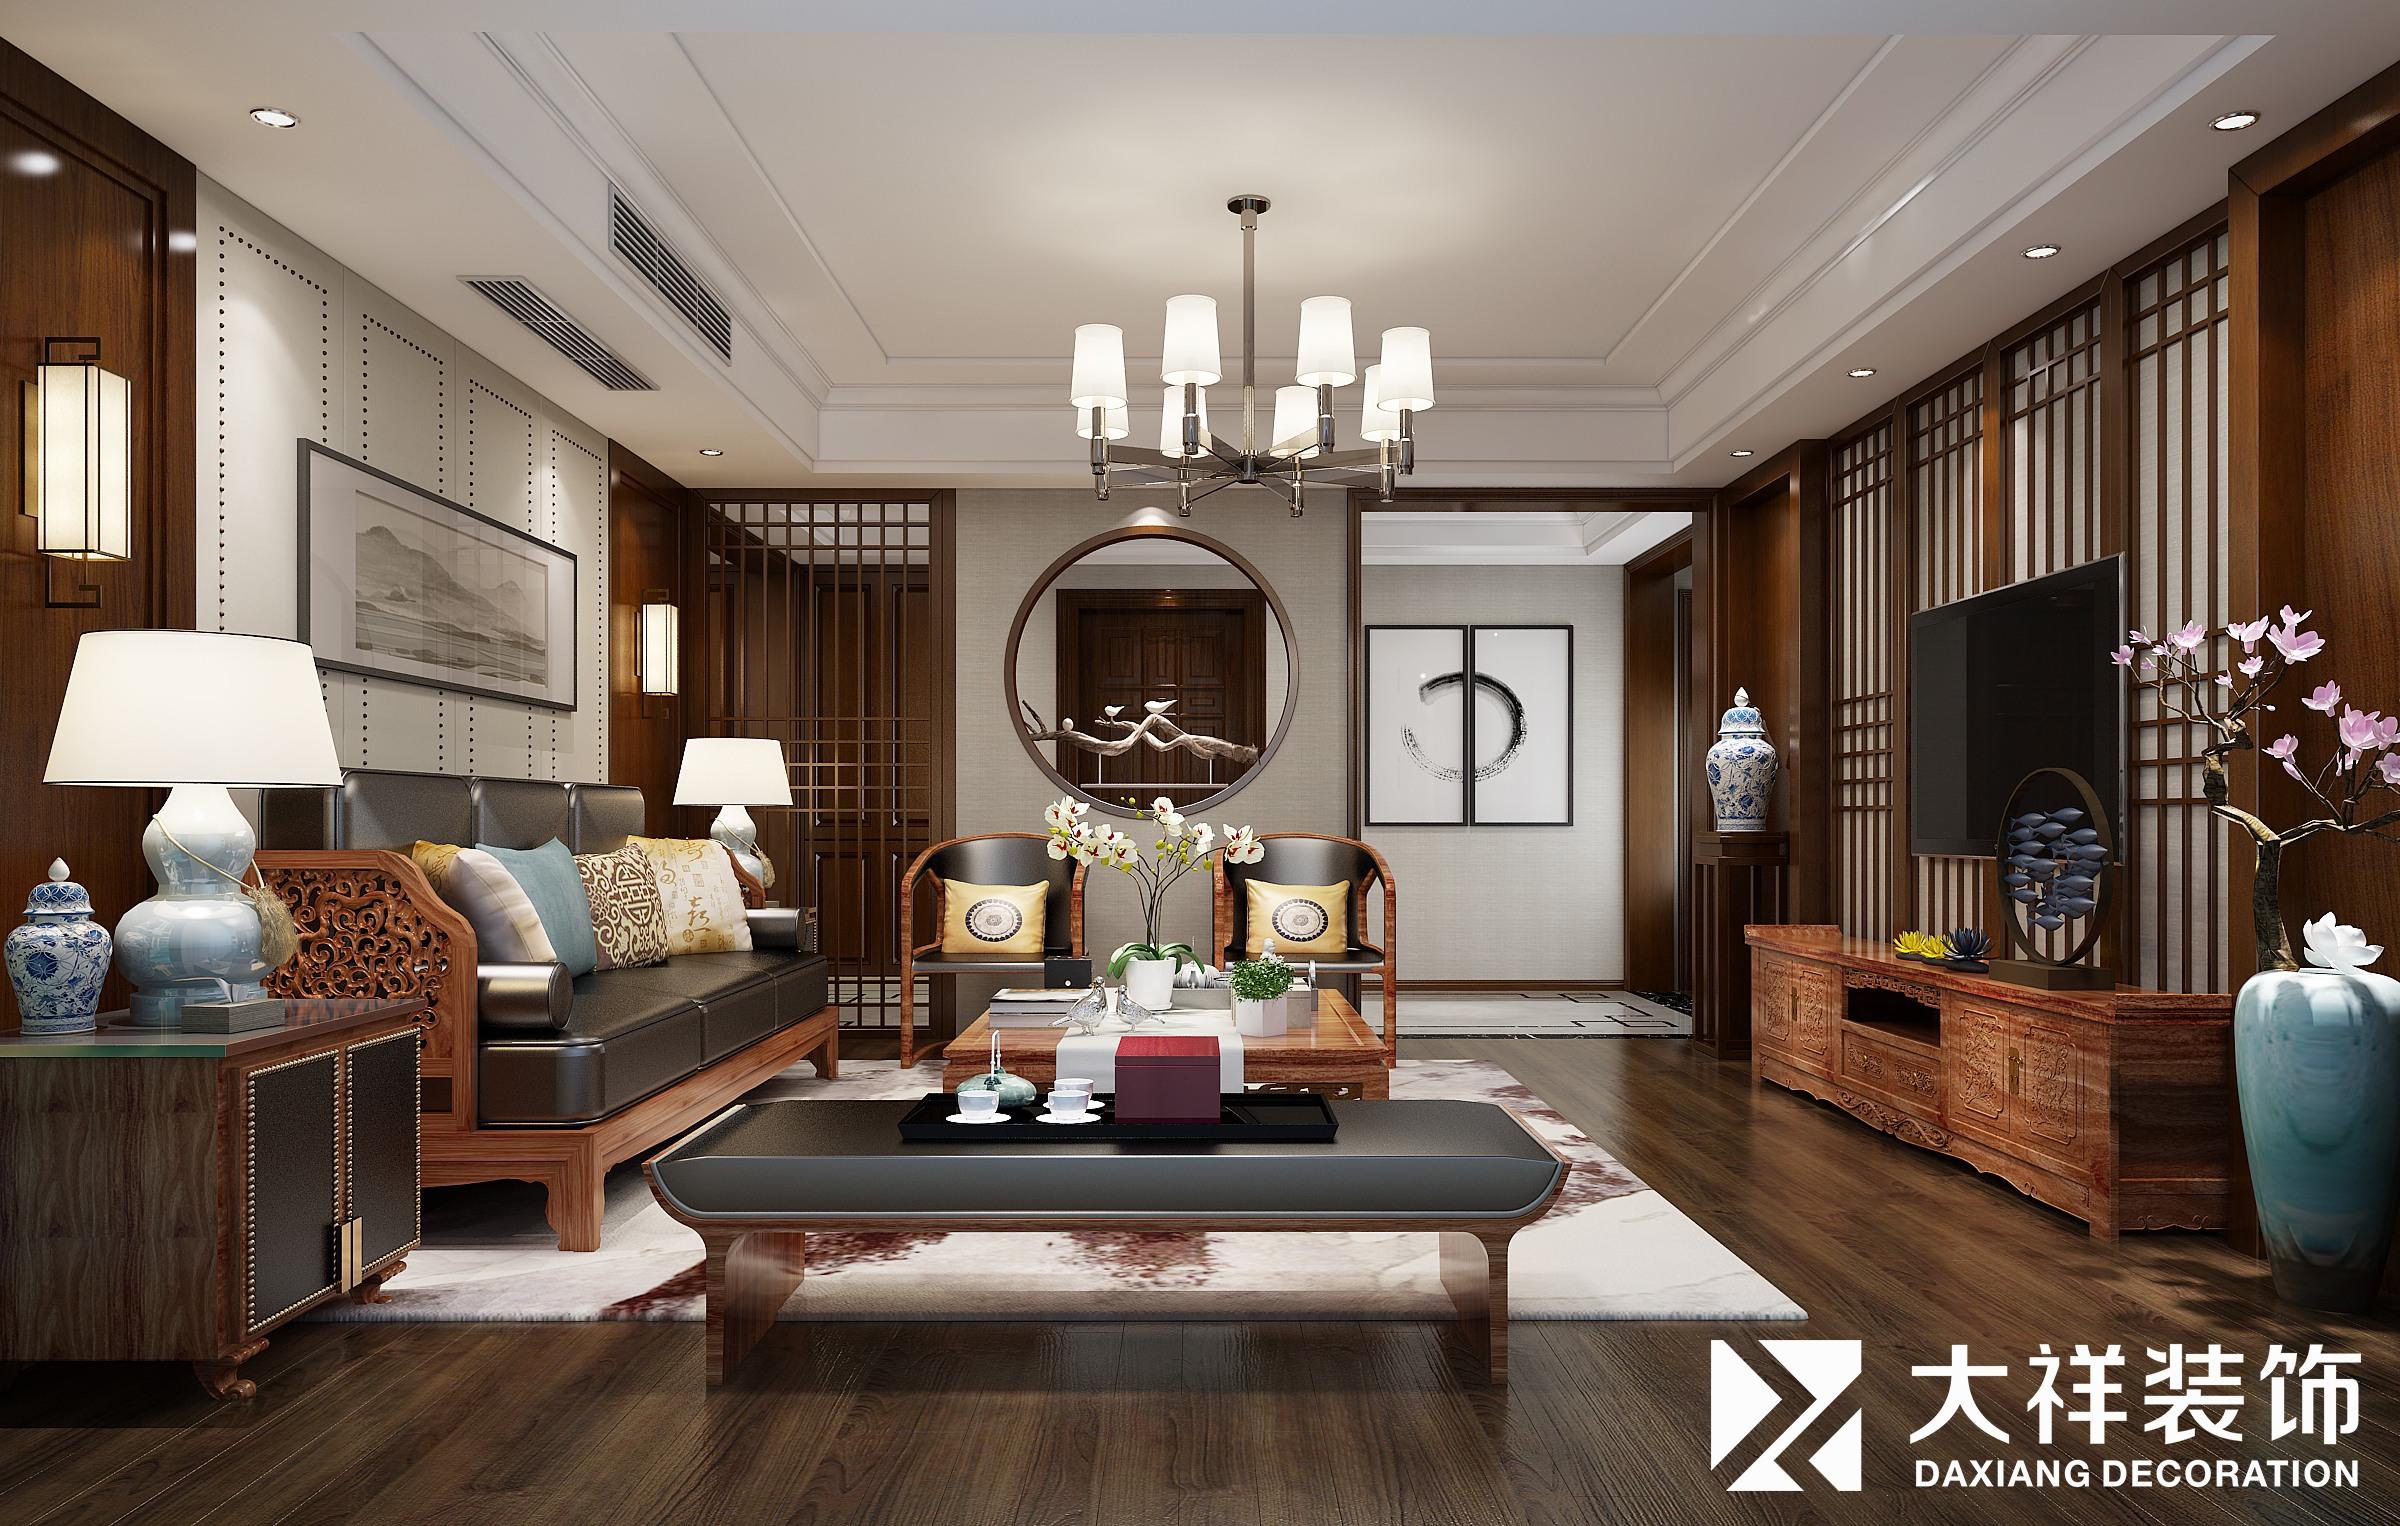 龙溪翡翠160方现代中式风格